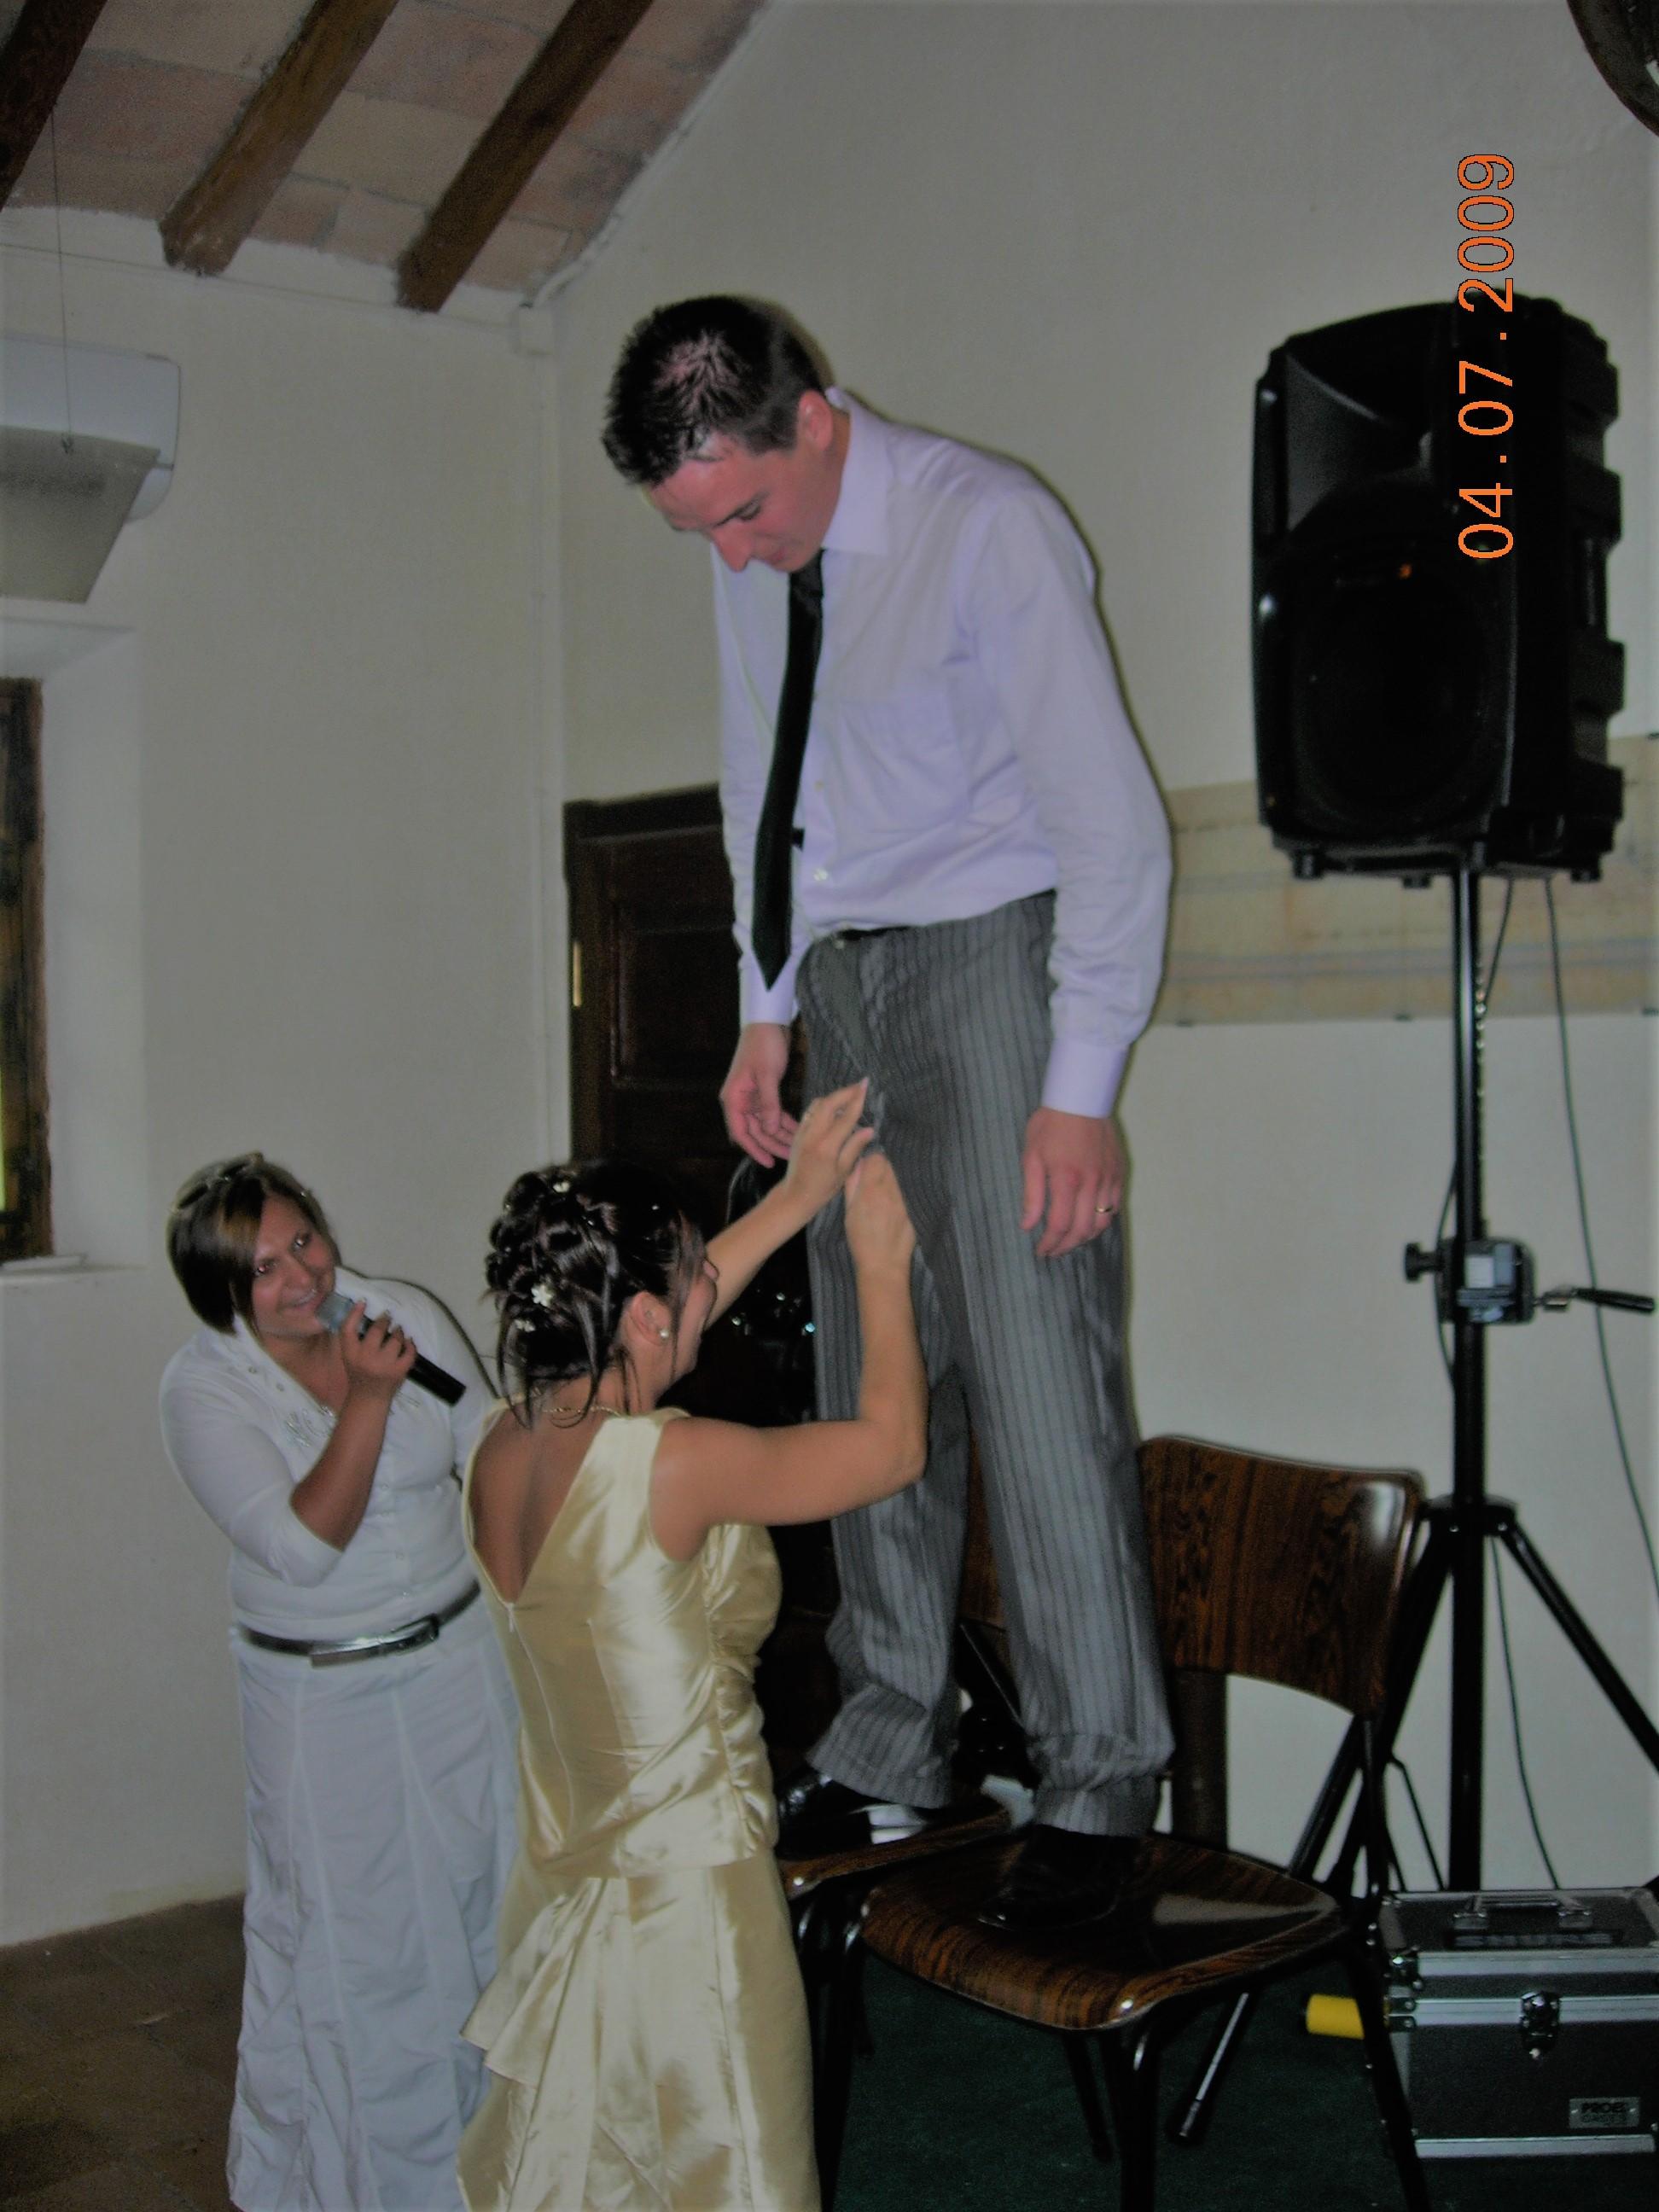 Oscar e Emanuela 04.07.2009 - 083.JPG